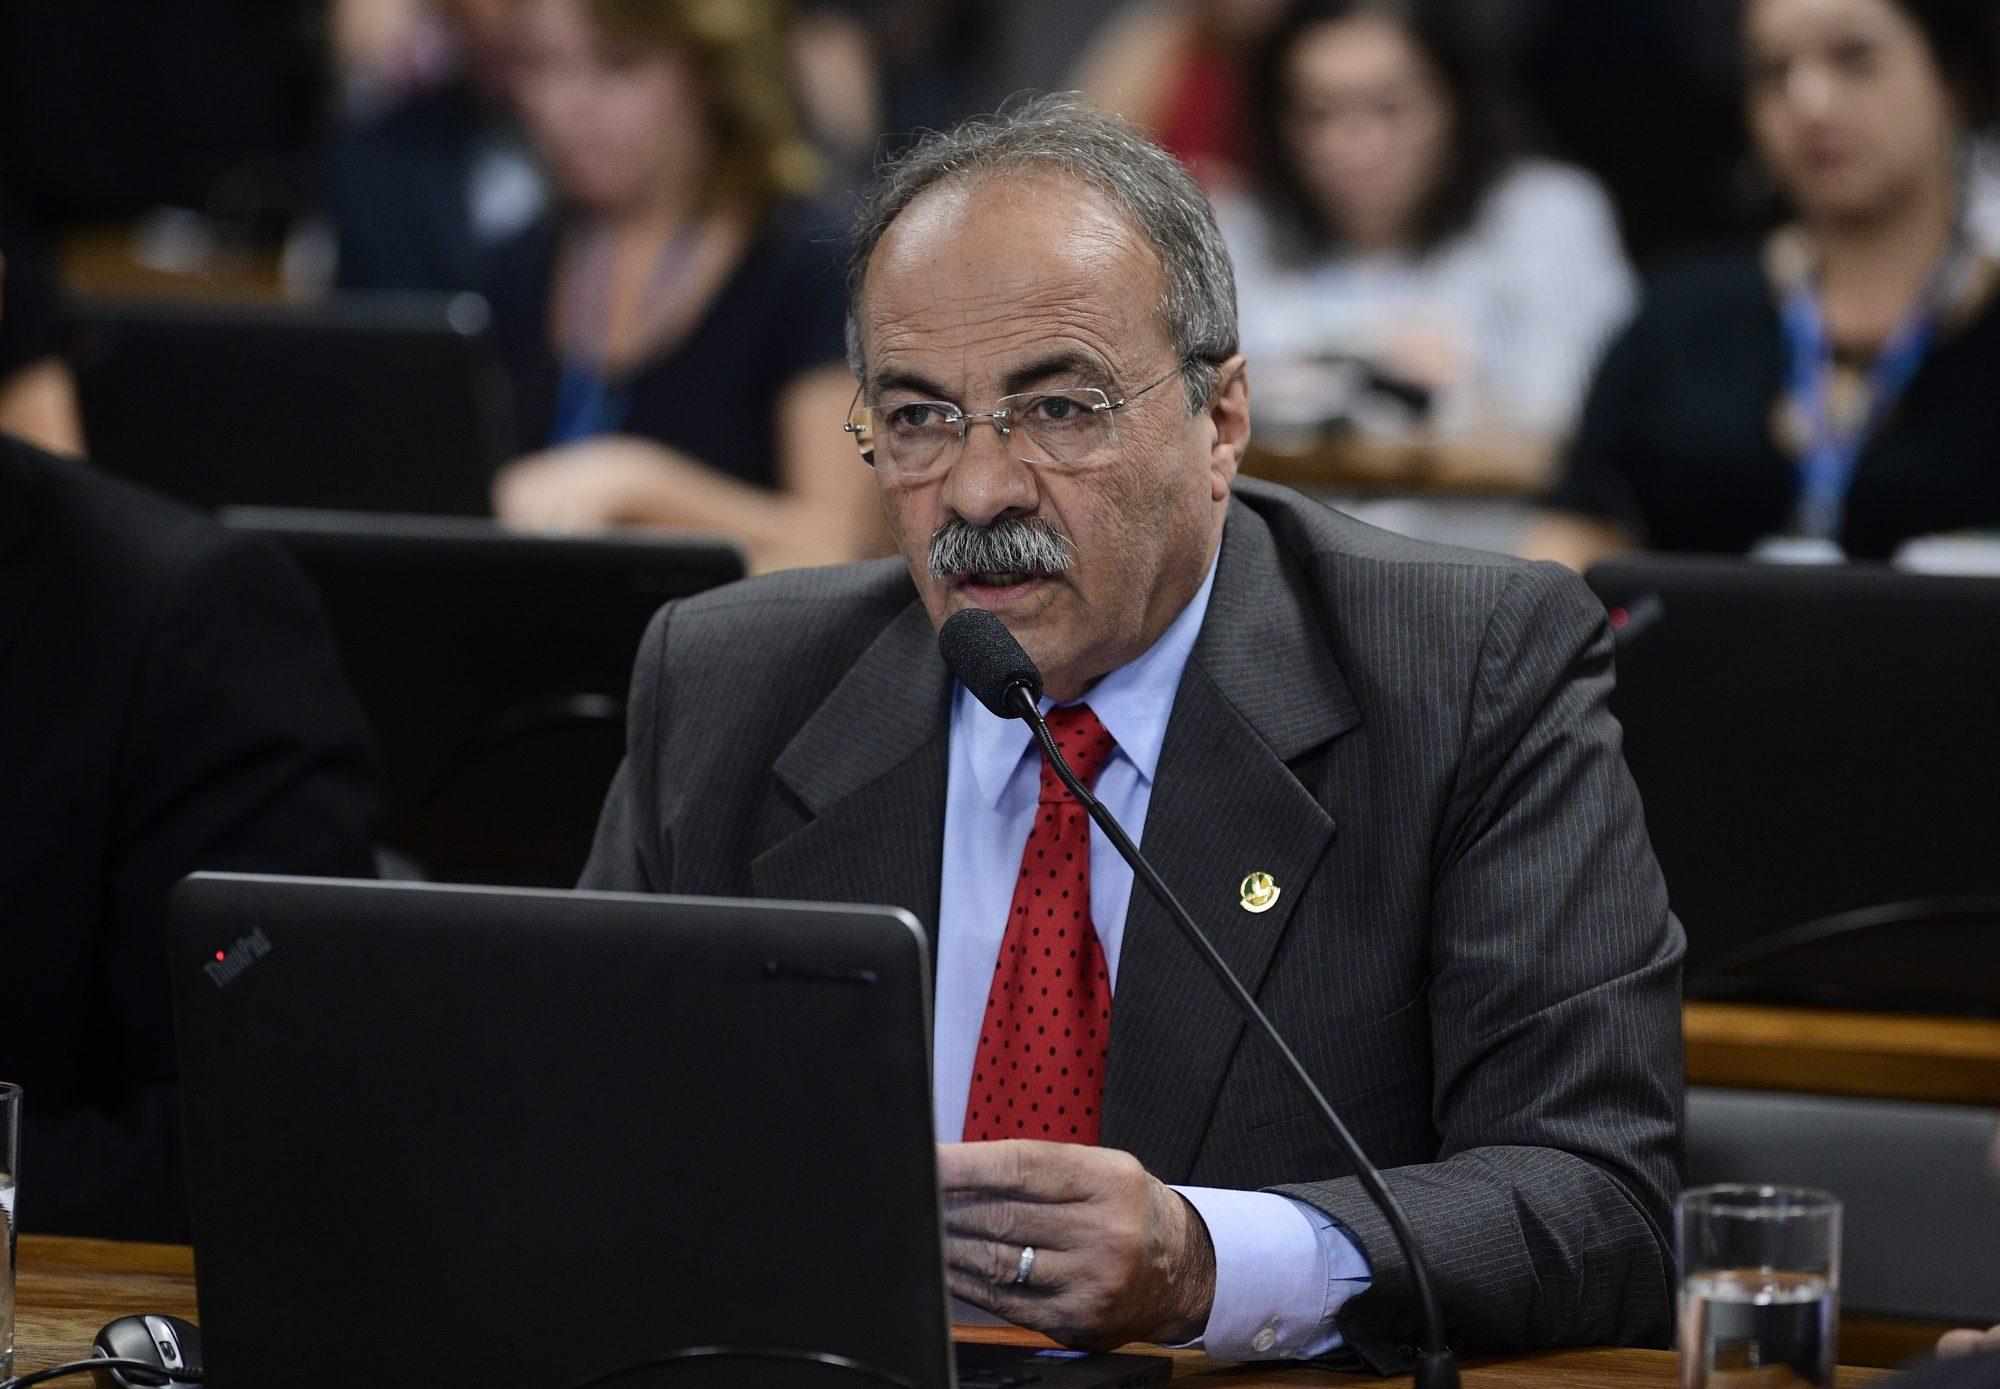 IMAGEM: Servidoras do gabinete de Chico Rodrigues trabalhavam para empresa do filho, diz PF